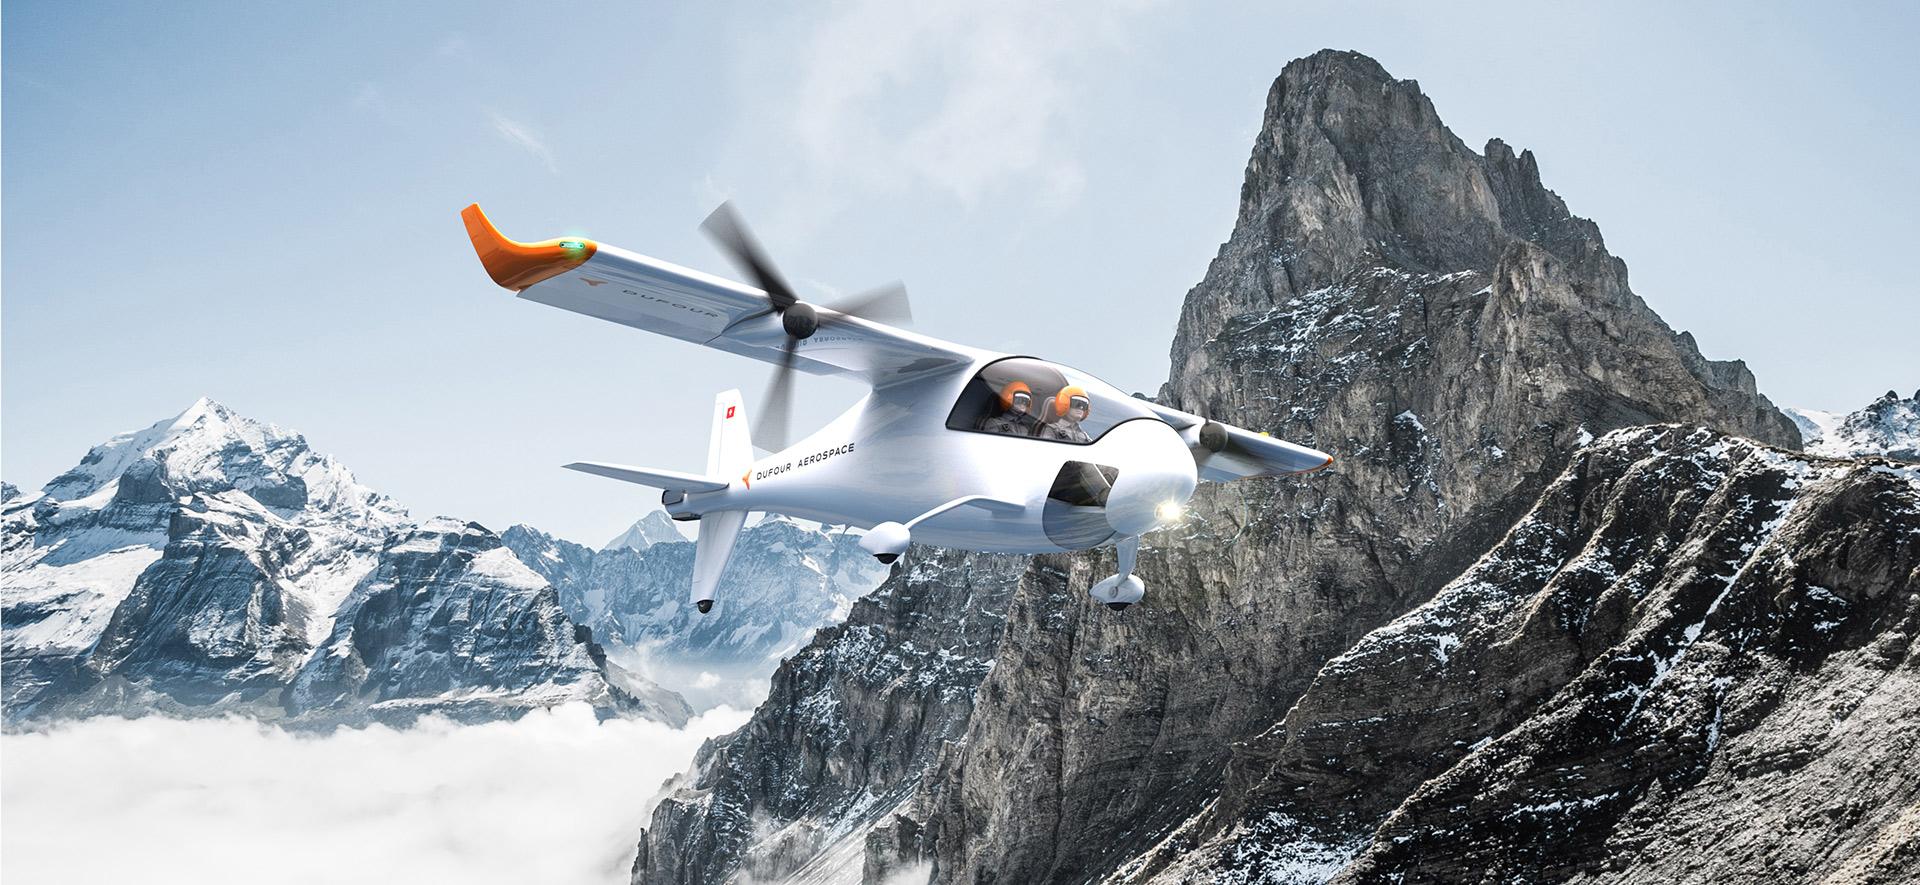 Dufour Aerospace